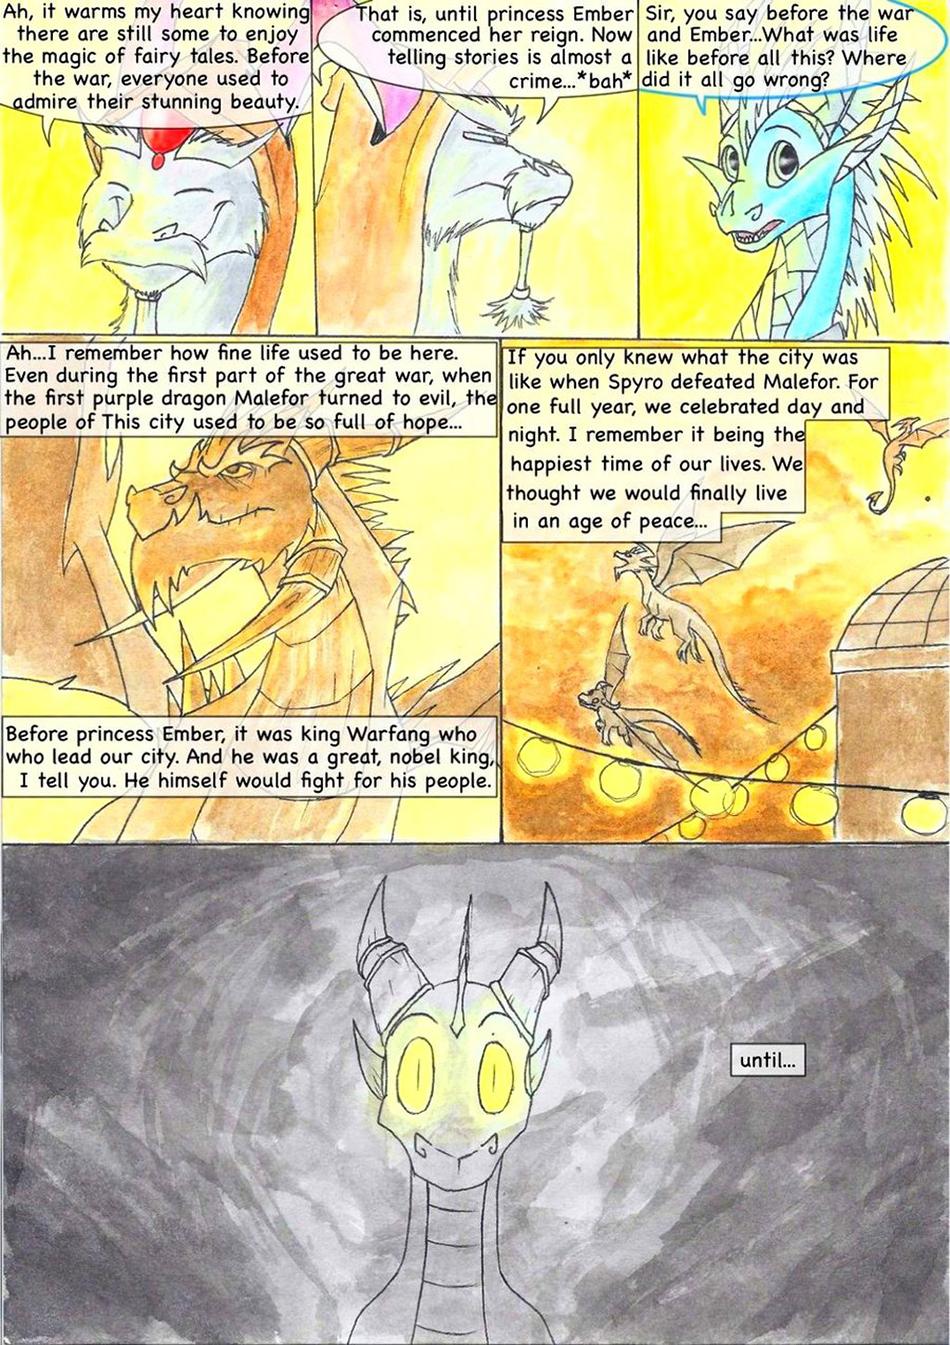 Dare to dream - page 13